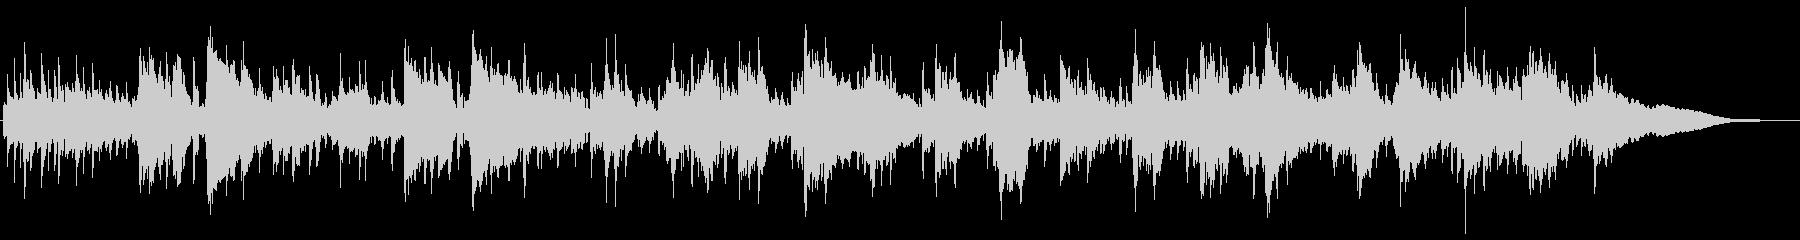 5拍子エスニックなサックスメインの曲の未再生の波形